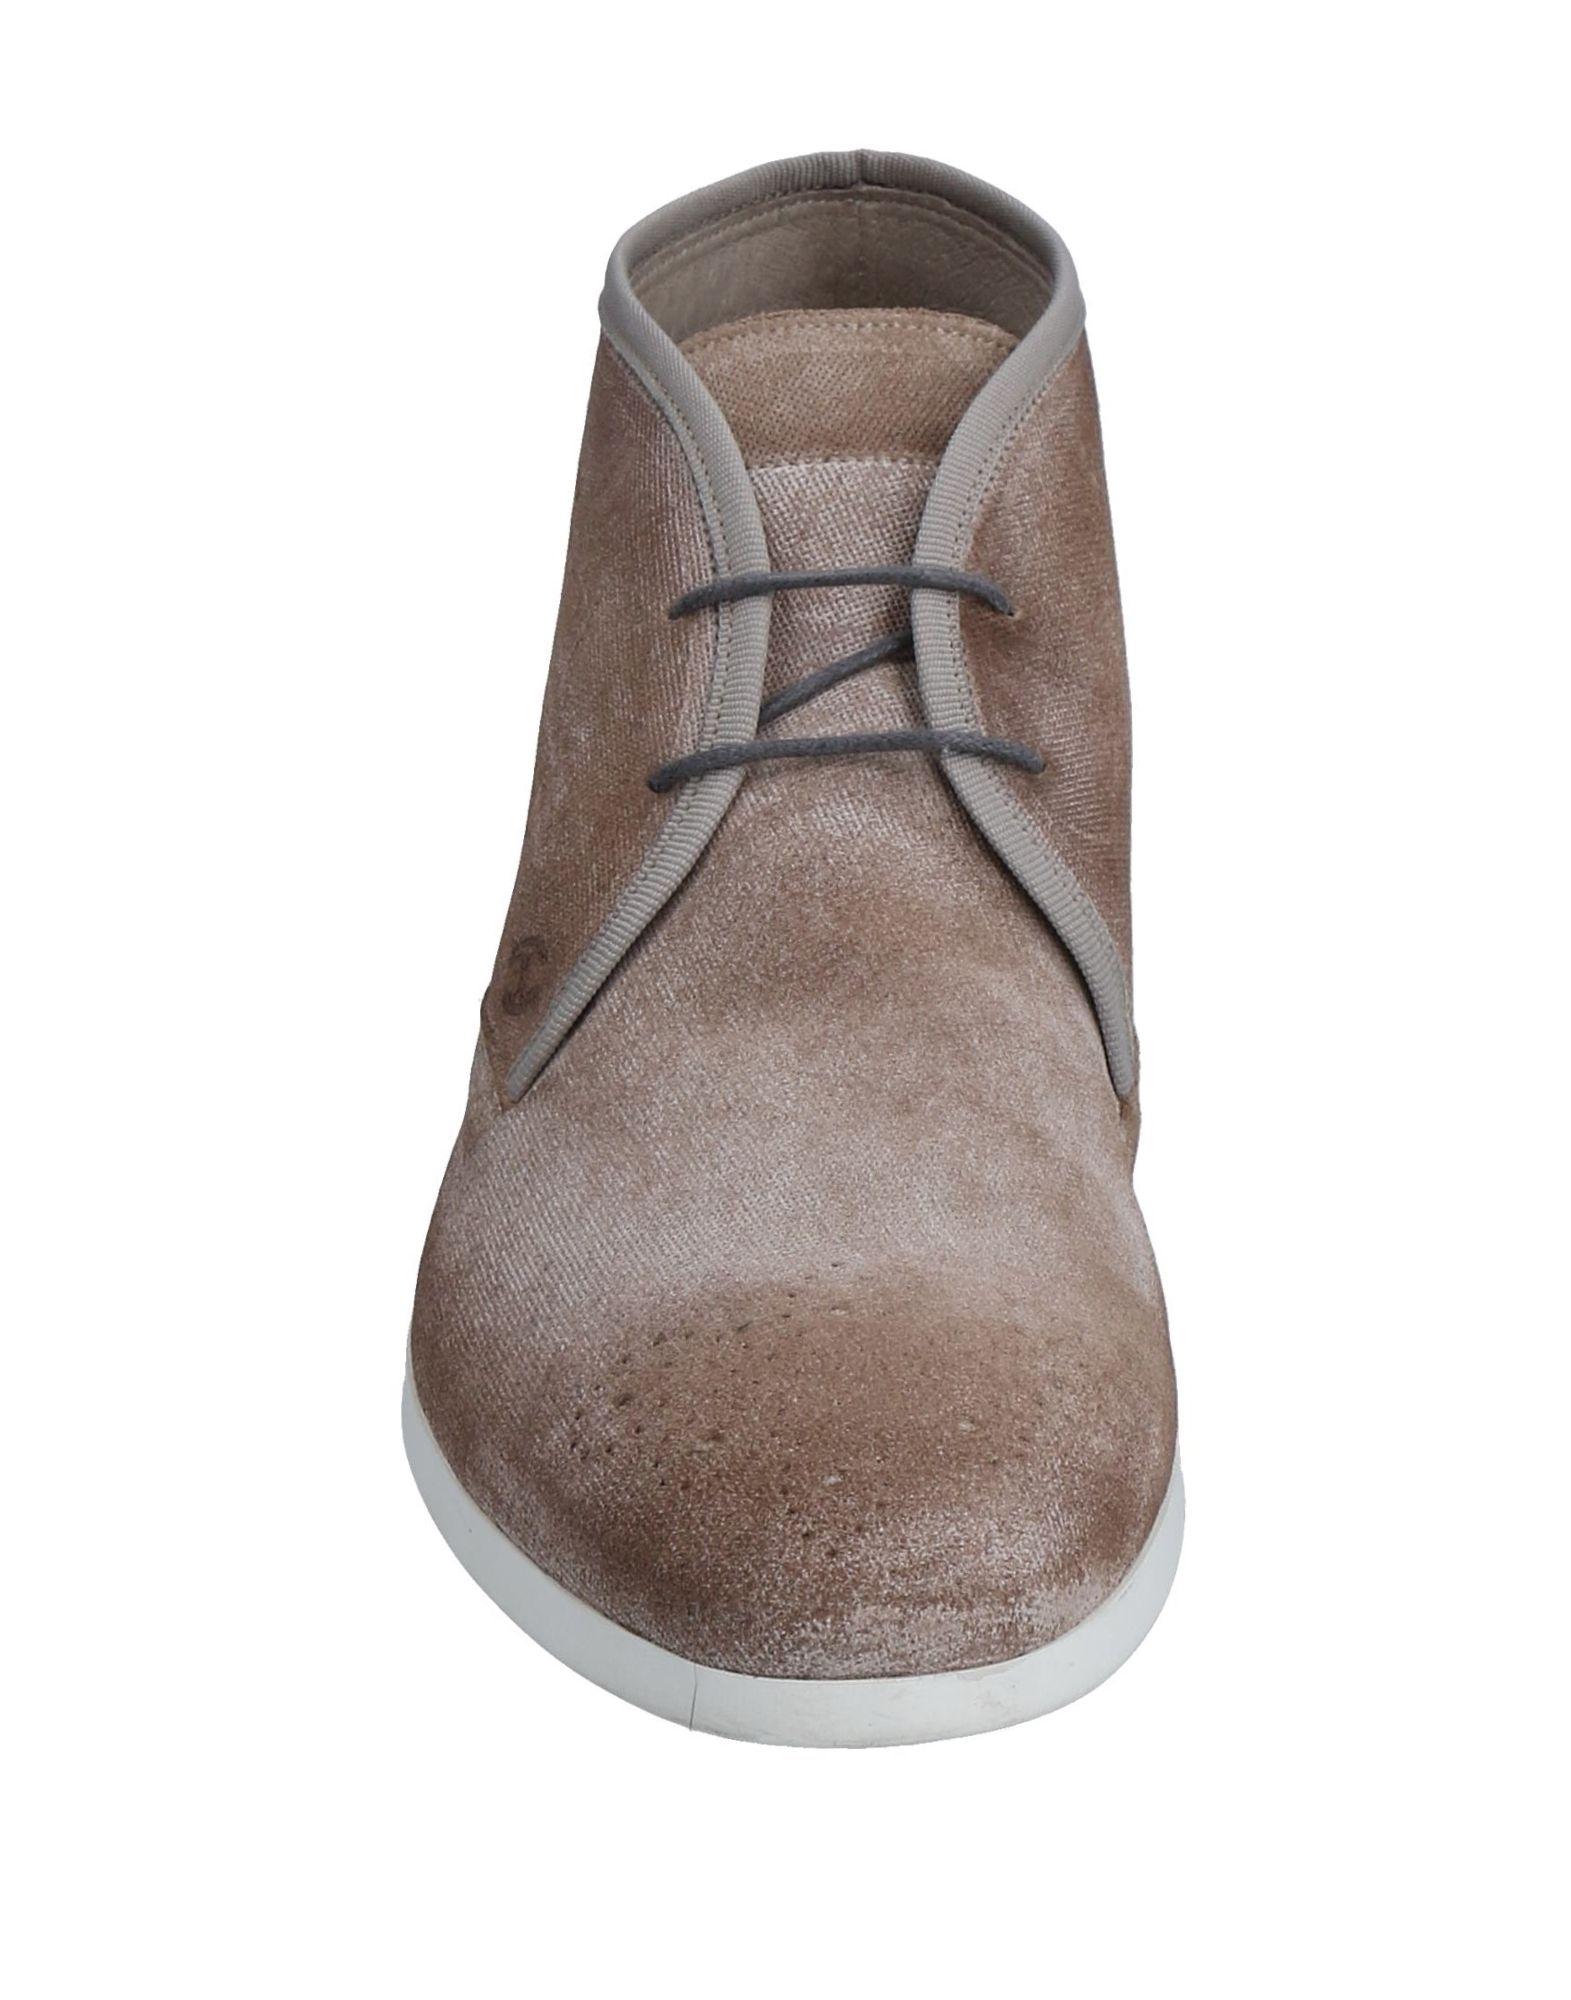 Just Cavalli Boots - Men on Just Cavalli Boots online on Men  United Kingdom - 44482056AL 59e86b